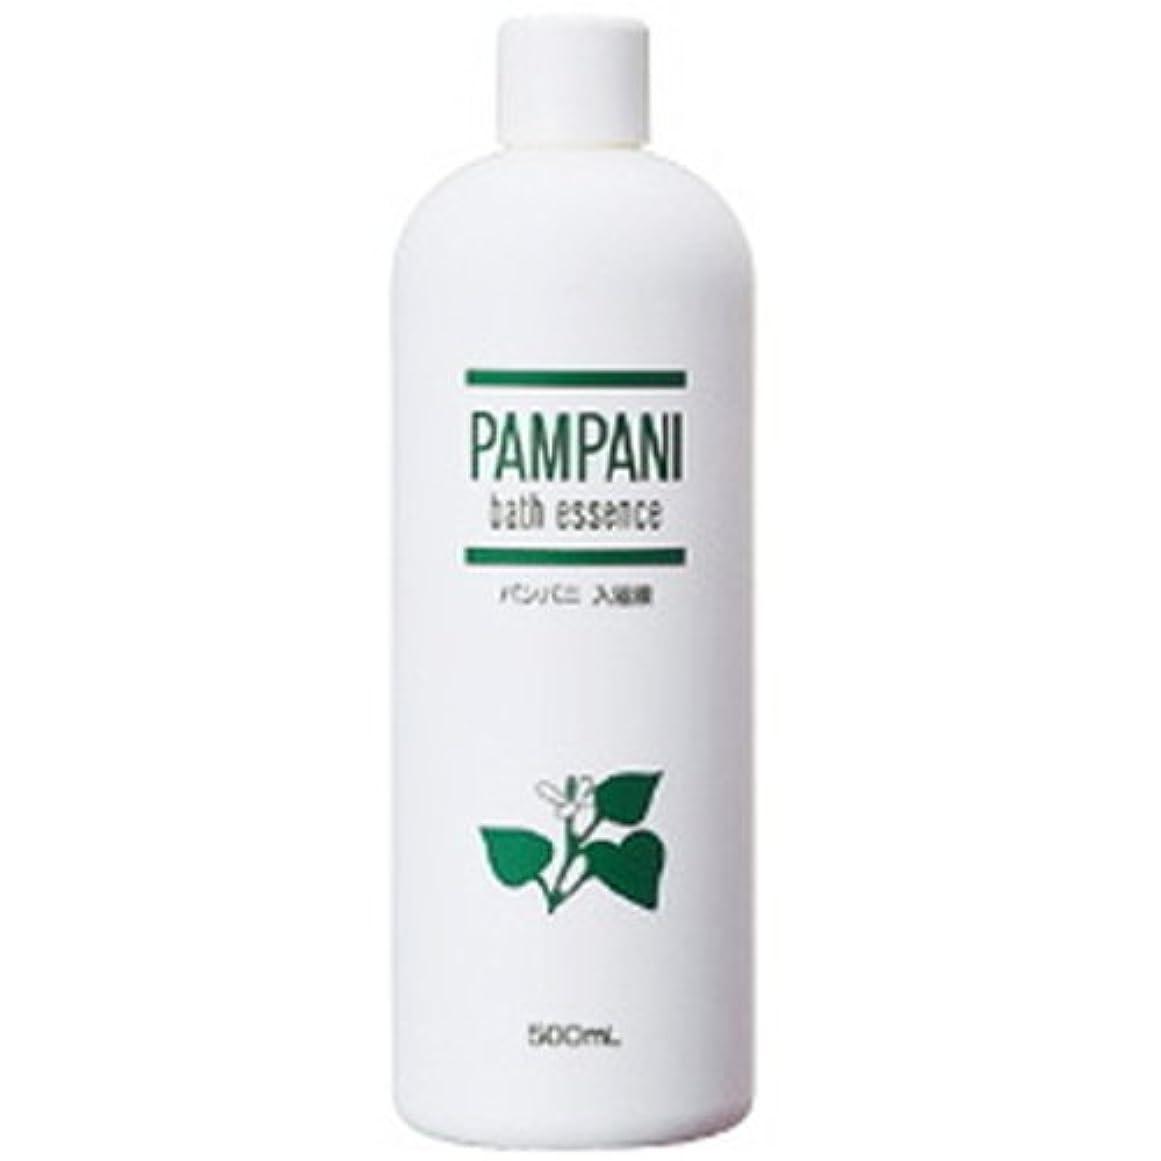 ヒット合金軽減するパンパニ(PAMPANI) 入浴液(希釈タイプ) 500ml